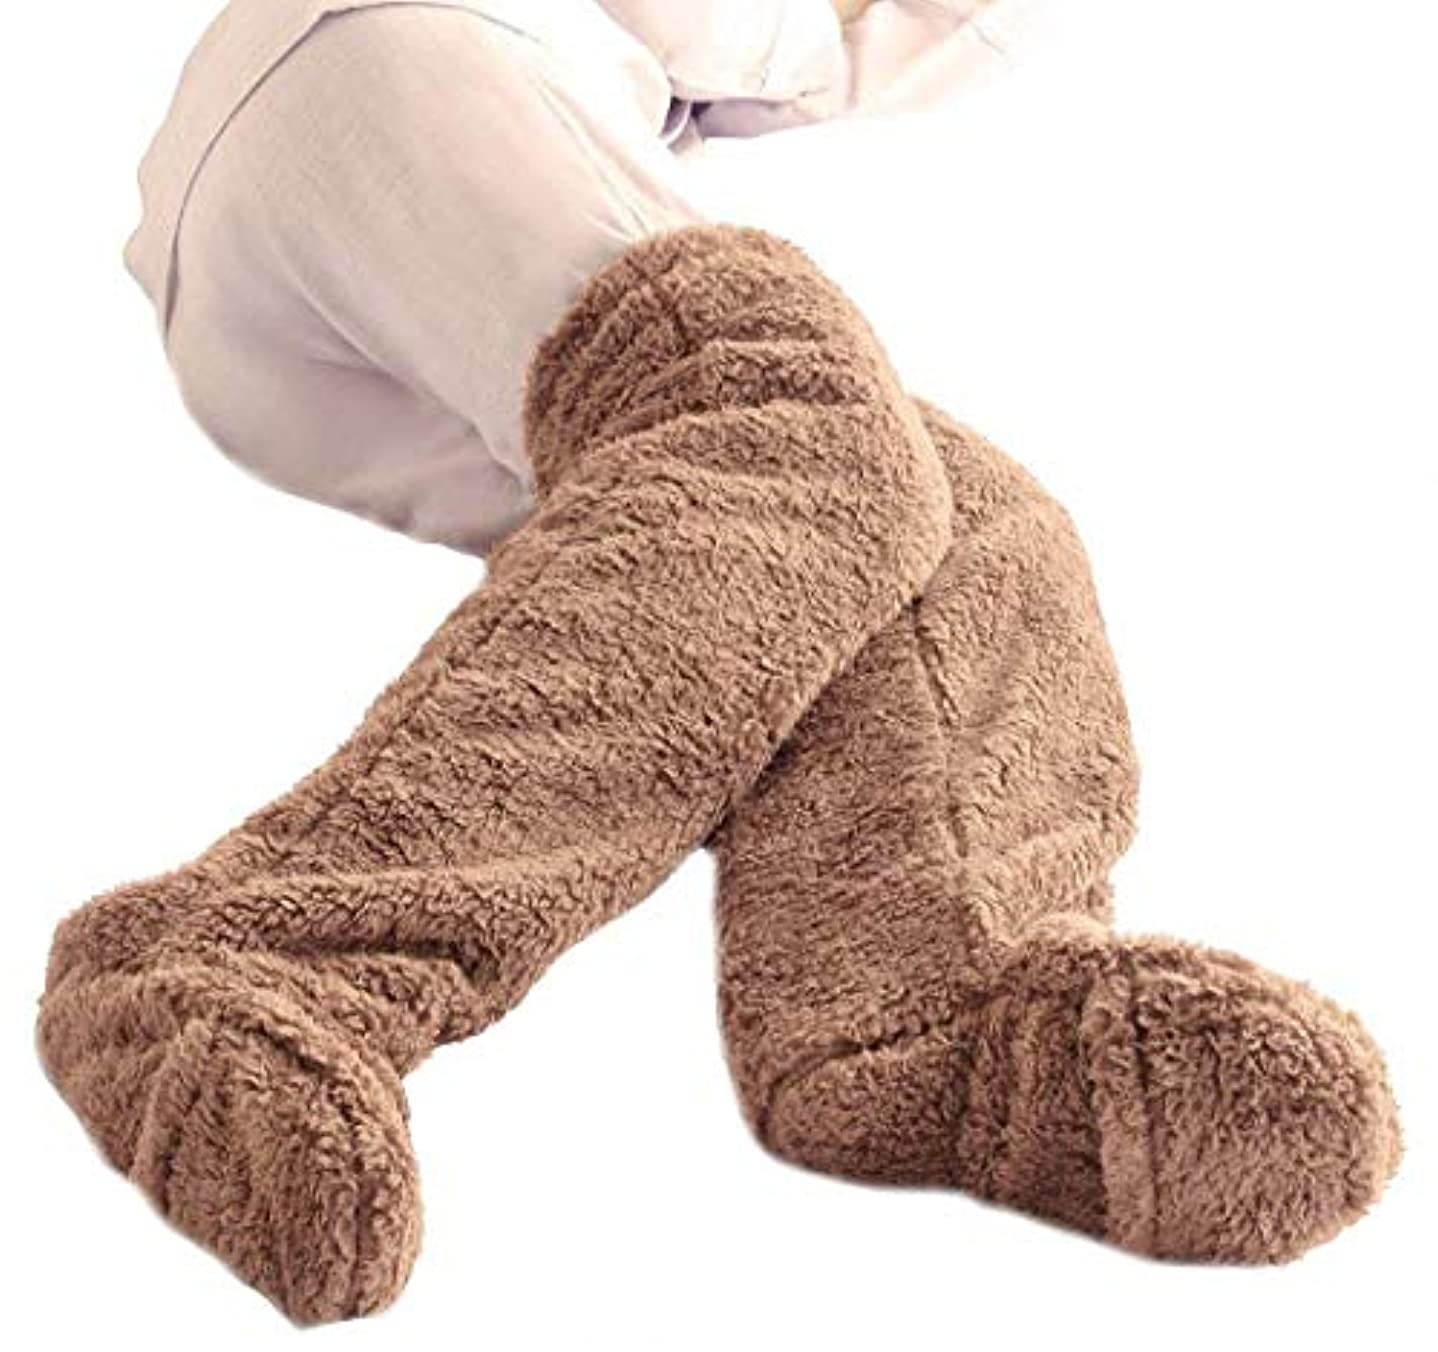 アンソロジーレザー一緒にフリース生地 室内履き 足が出せるロングカバー 軽量ヒートソックス 歩ける ロングカバー 極暖 ルームソックスルームシューズ